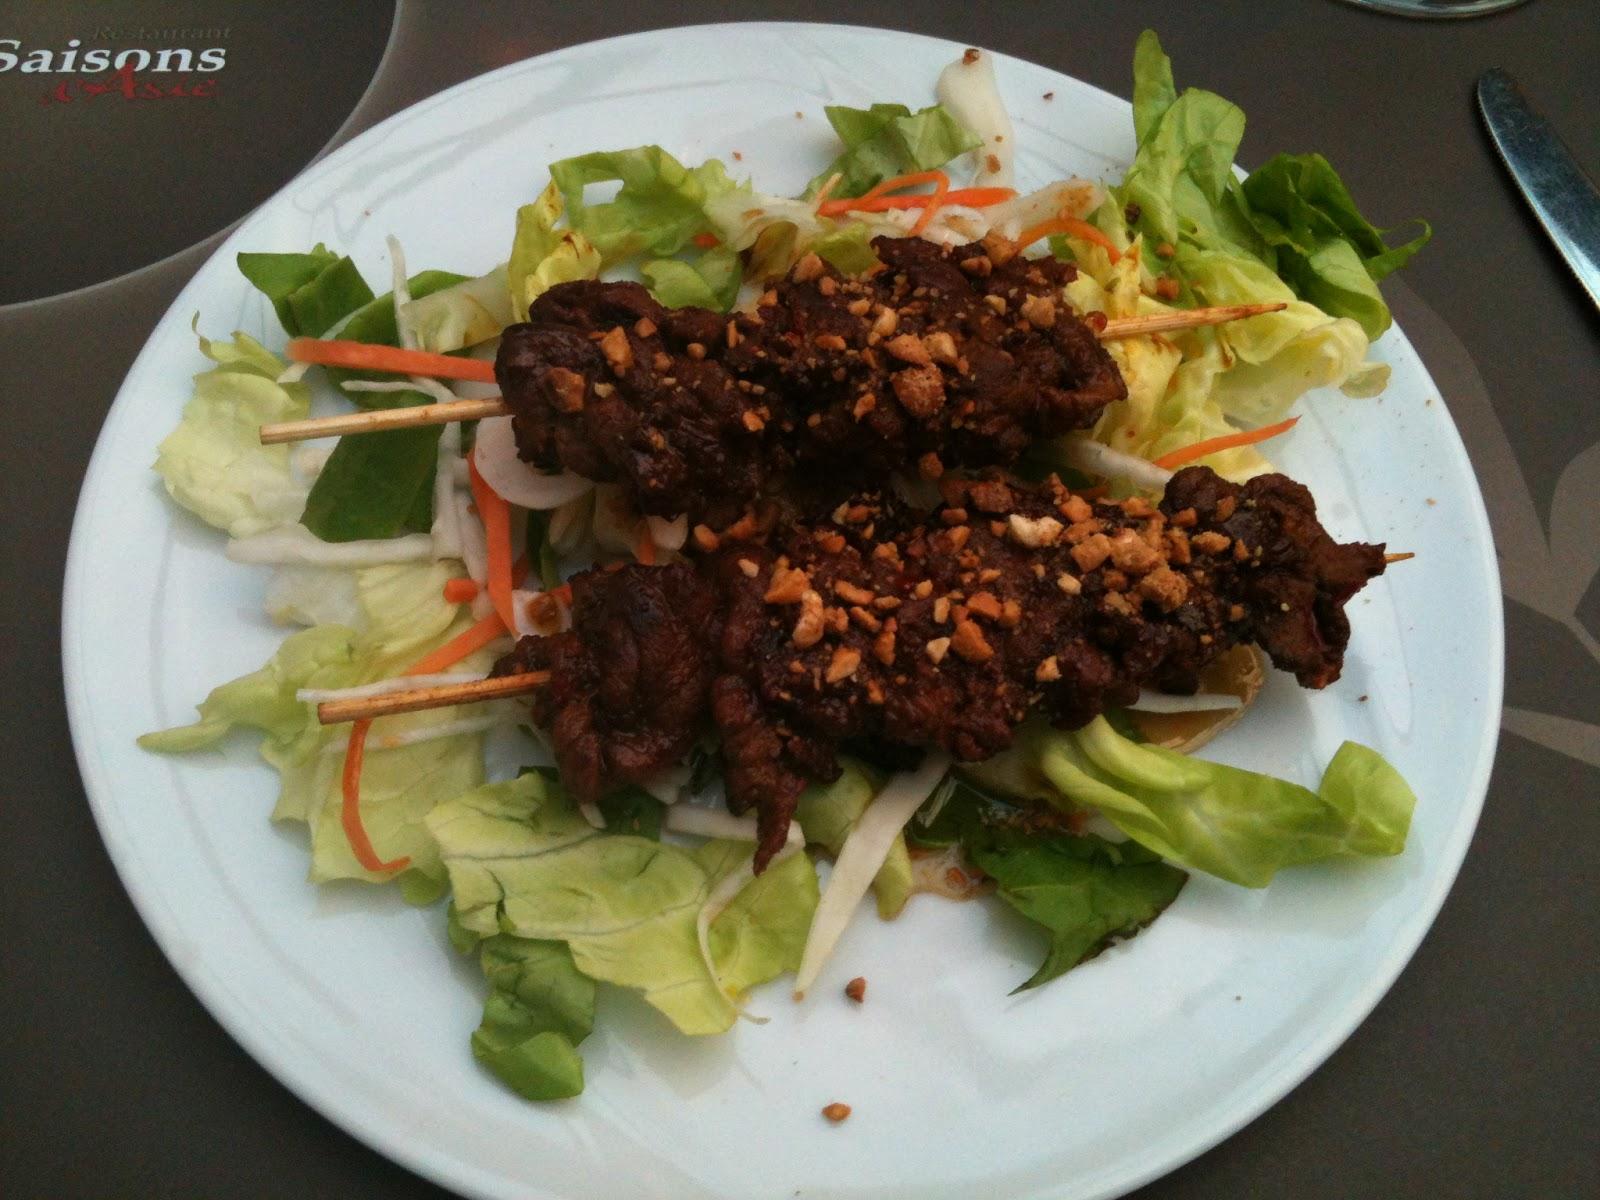 Les 4 saisons d 39 asie cuisine vietnamienne si mhmmm for Cuisine vietnamienne